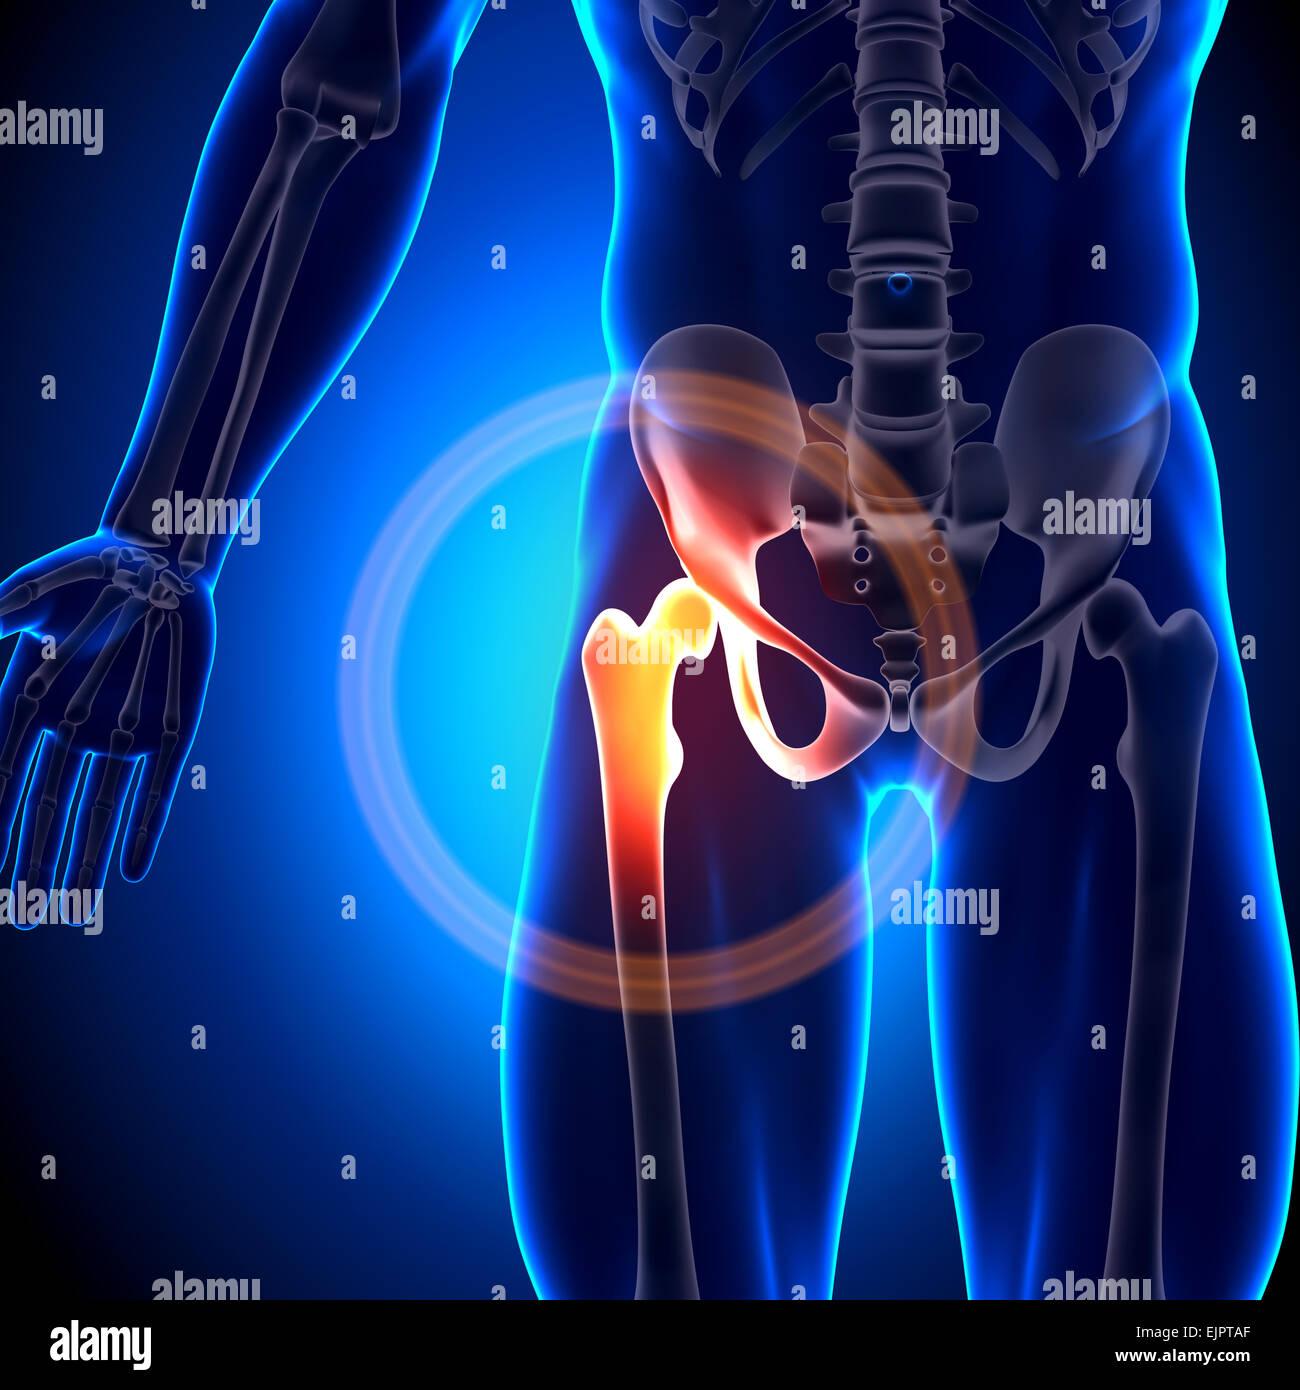 Wunderbar Die Anatomie Des Beines Ideen - Menschliche Anatomie ...